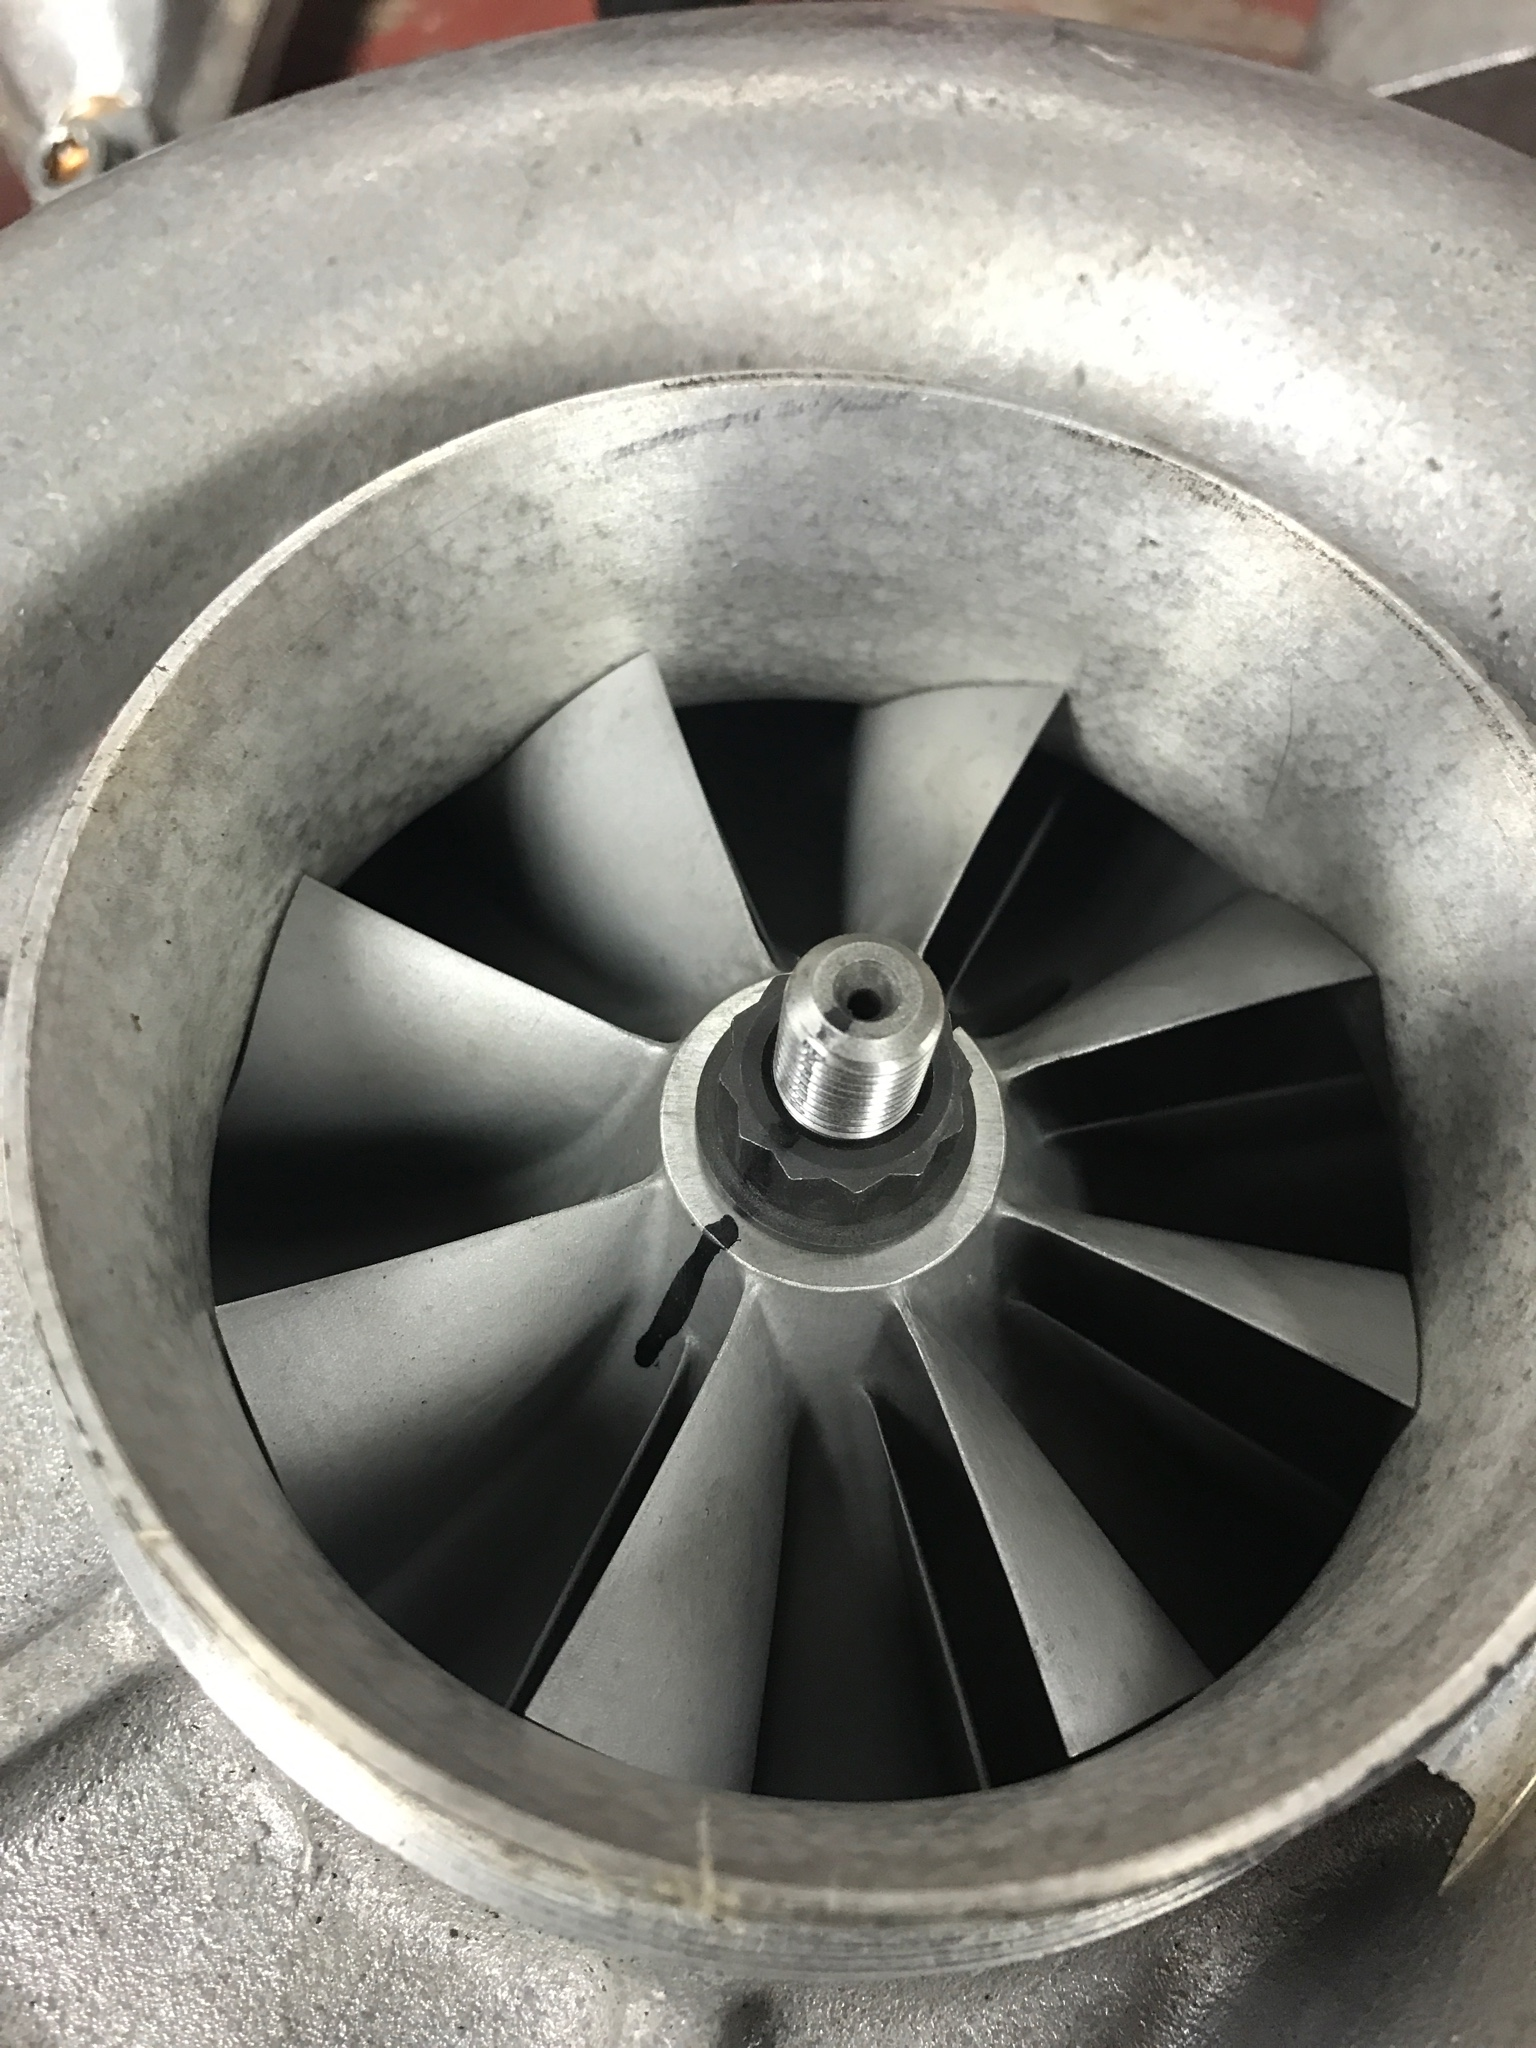 Vortech v1 supercharger